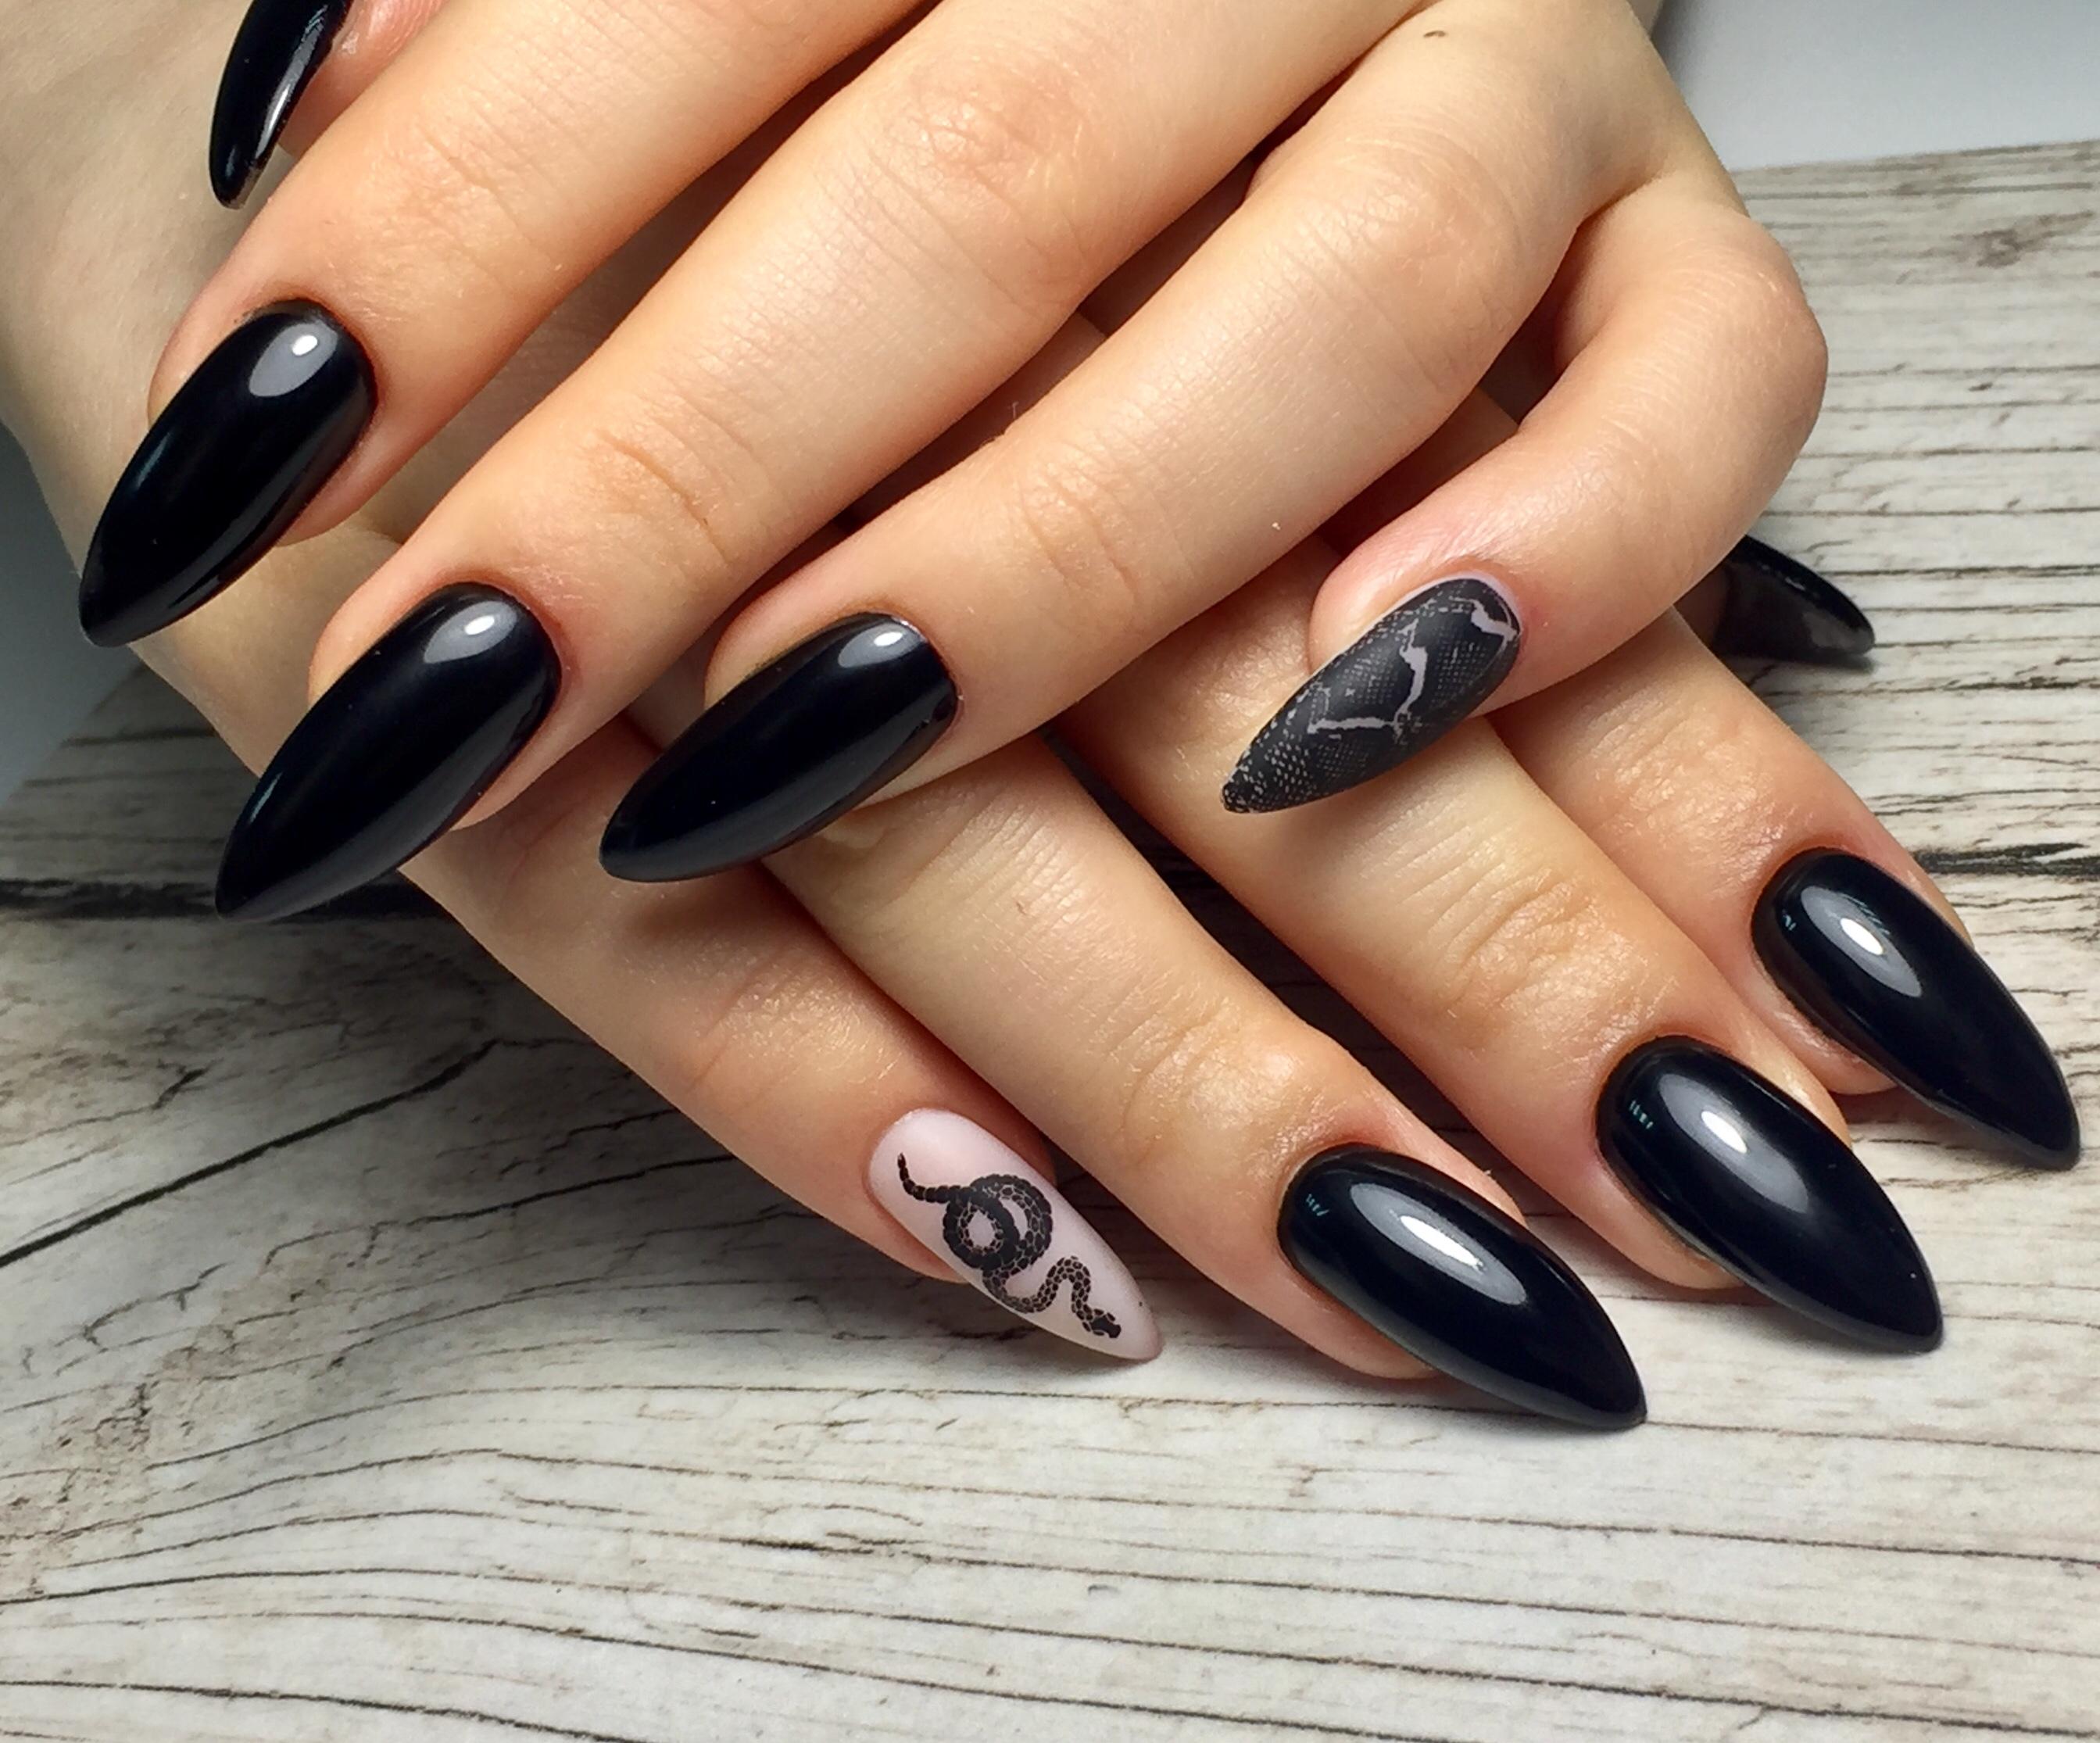 Маникюр со змеей в черном цвете на длинные ногти.